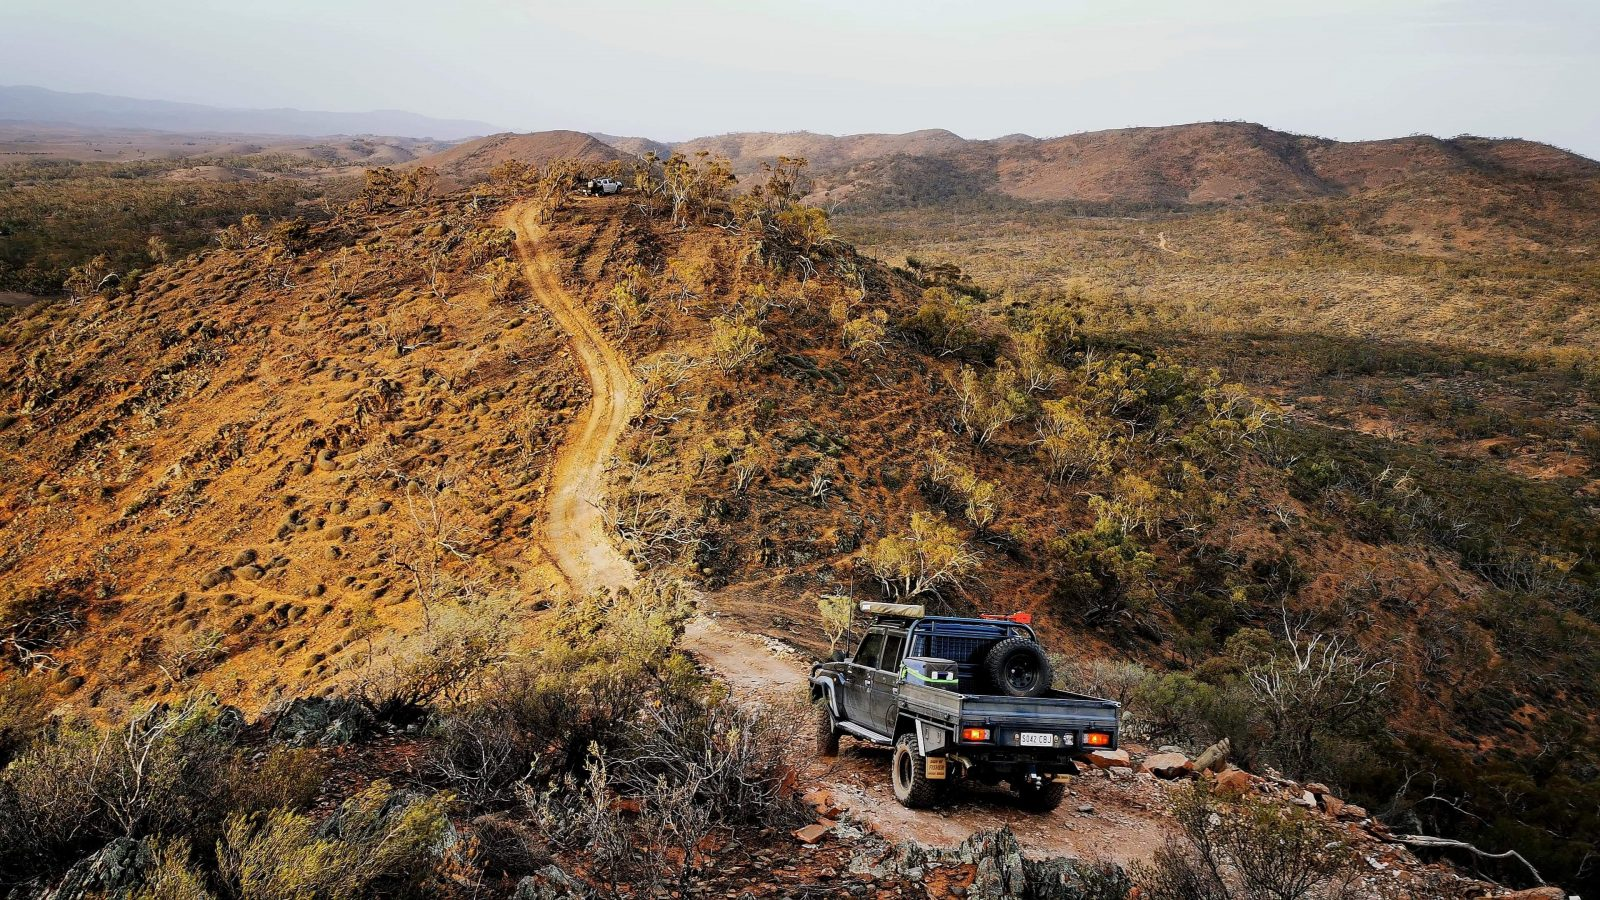 Pats Peak 4WD track